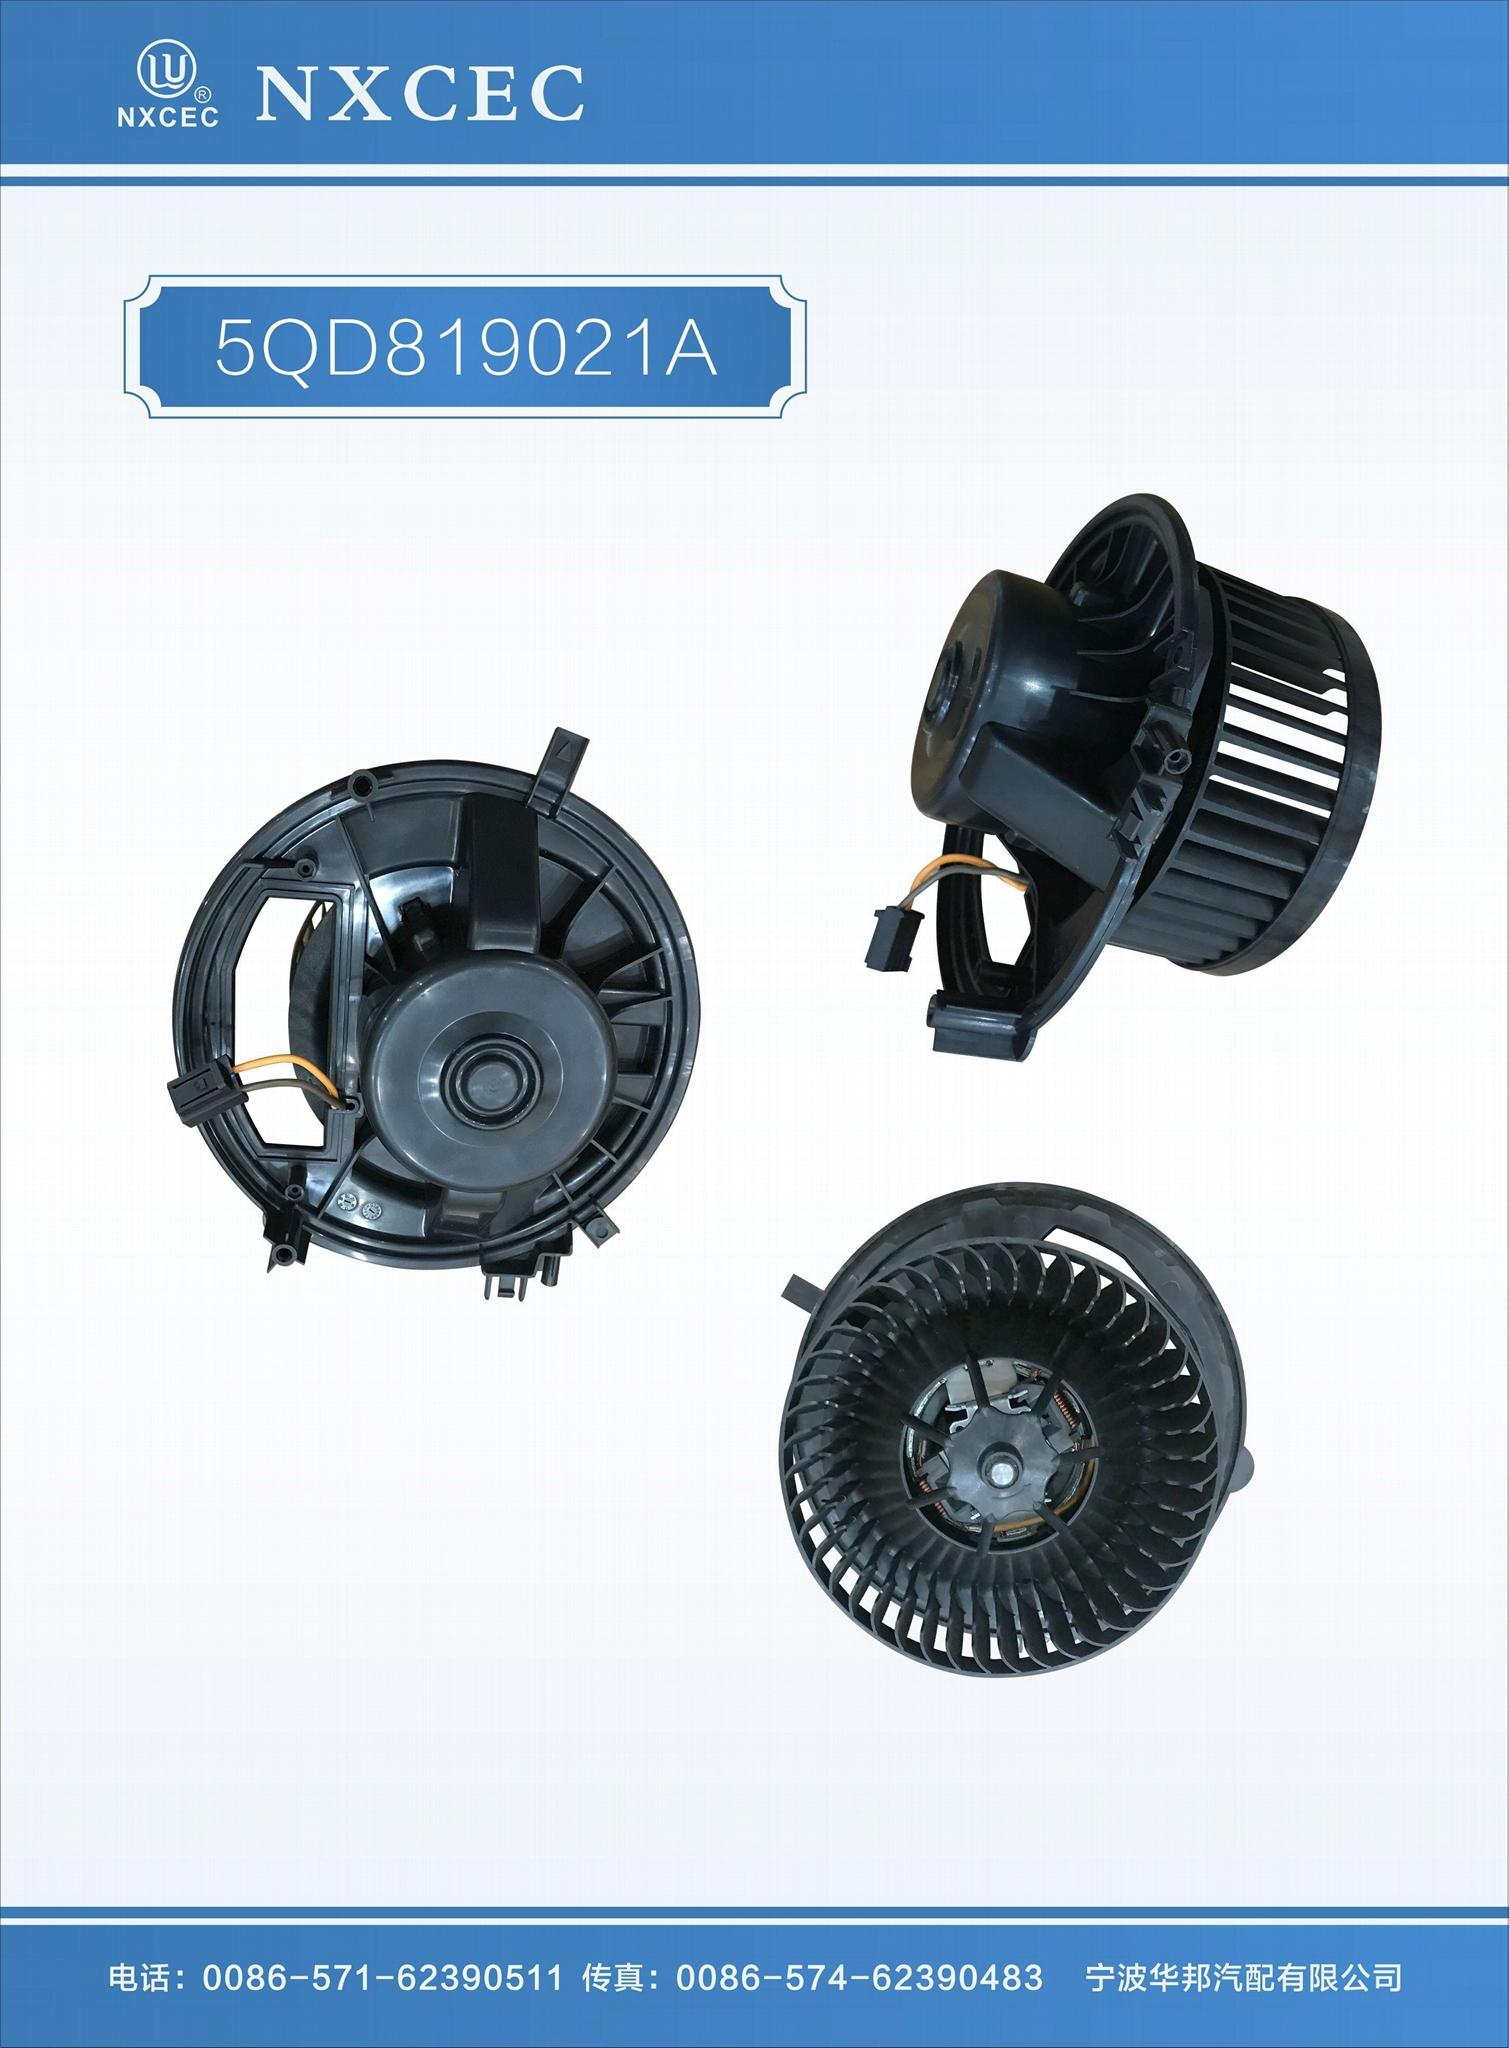 5QD819021A